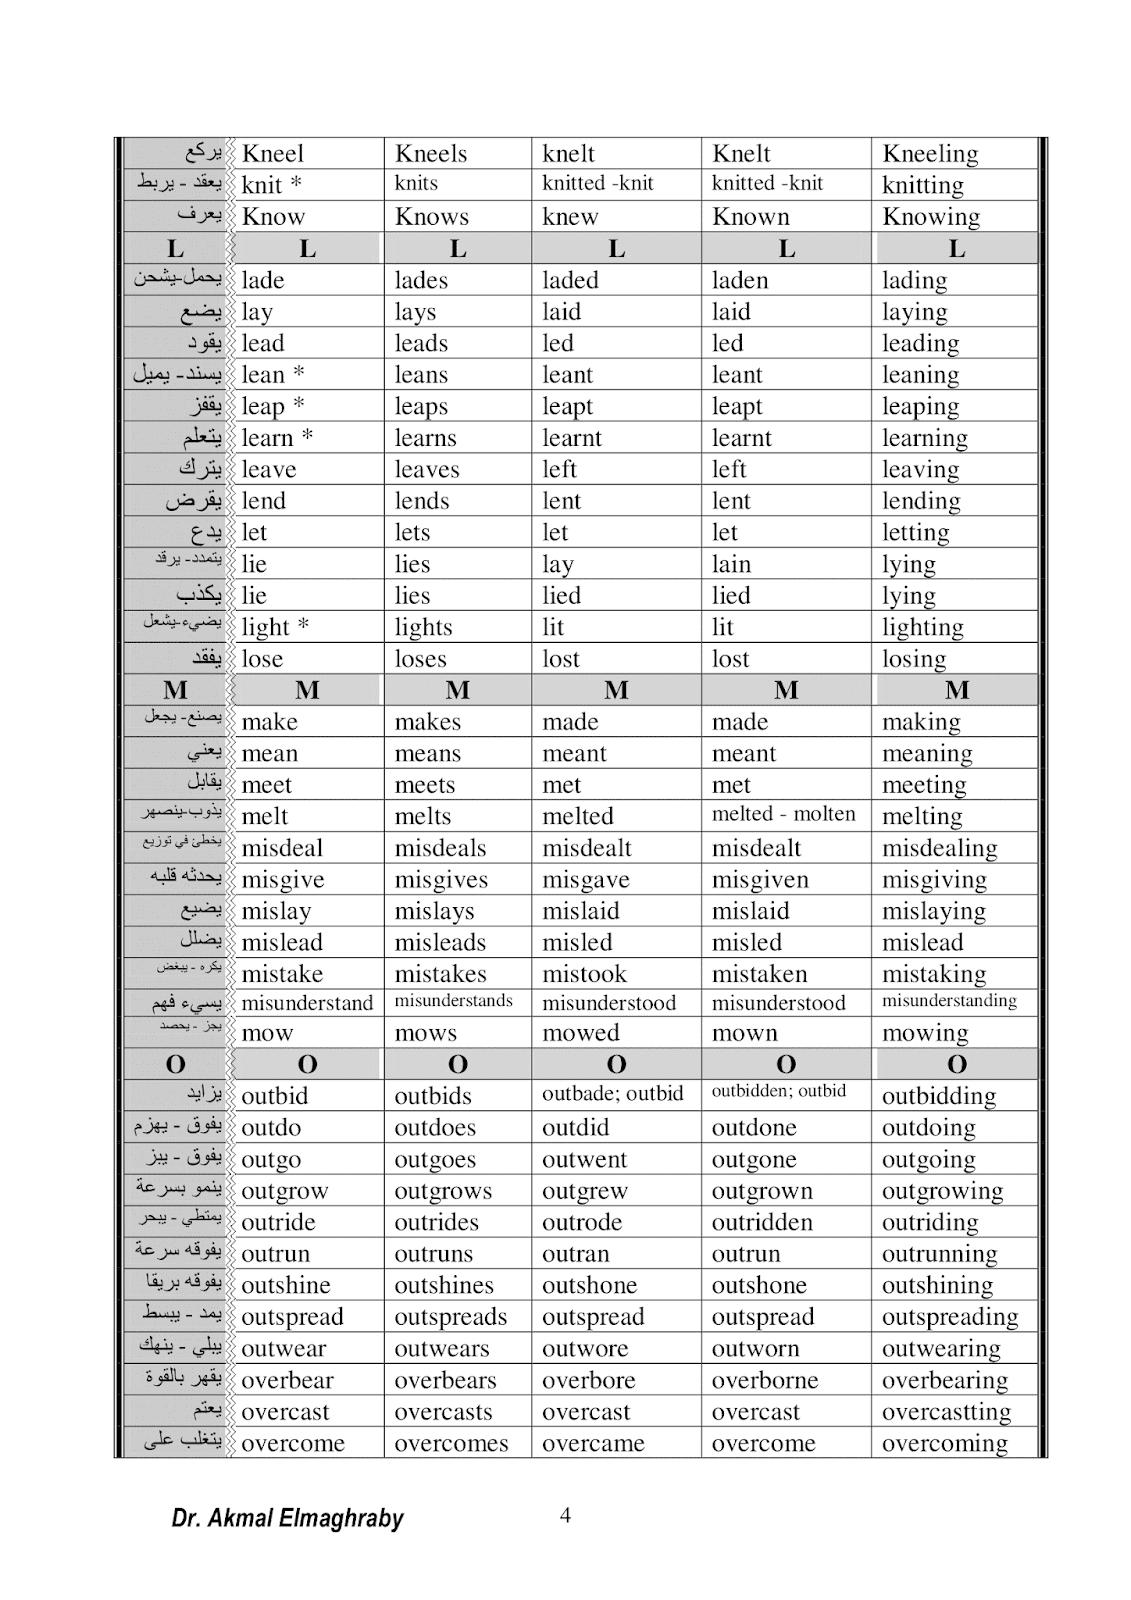 جدول تصريف الأفعال الشاذة في الانجيليزية مع الشرح بالعربية